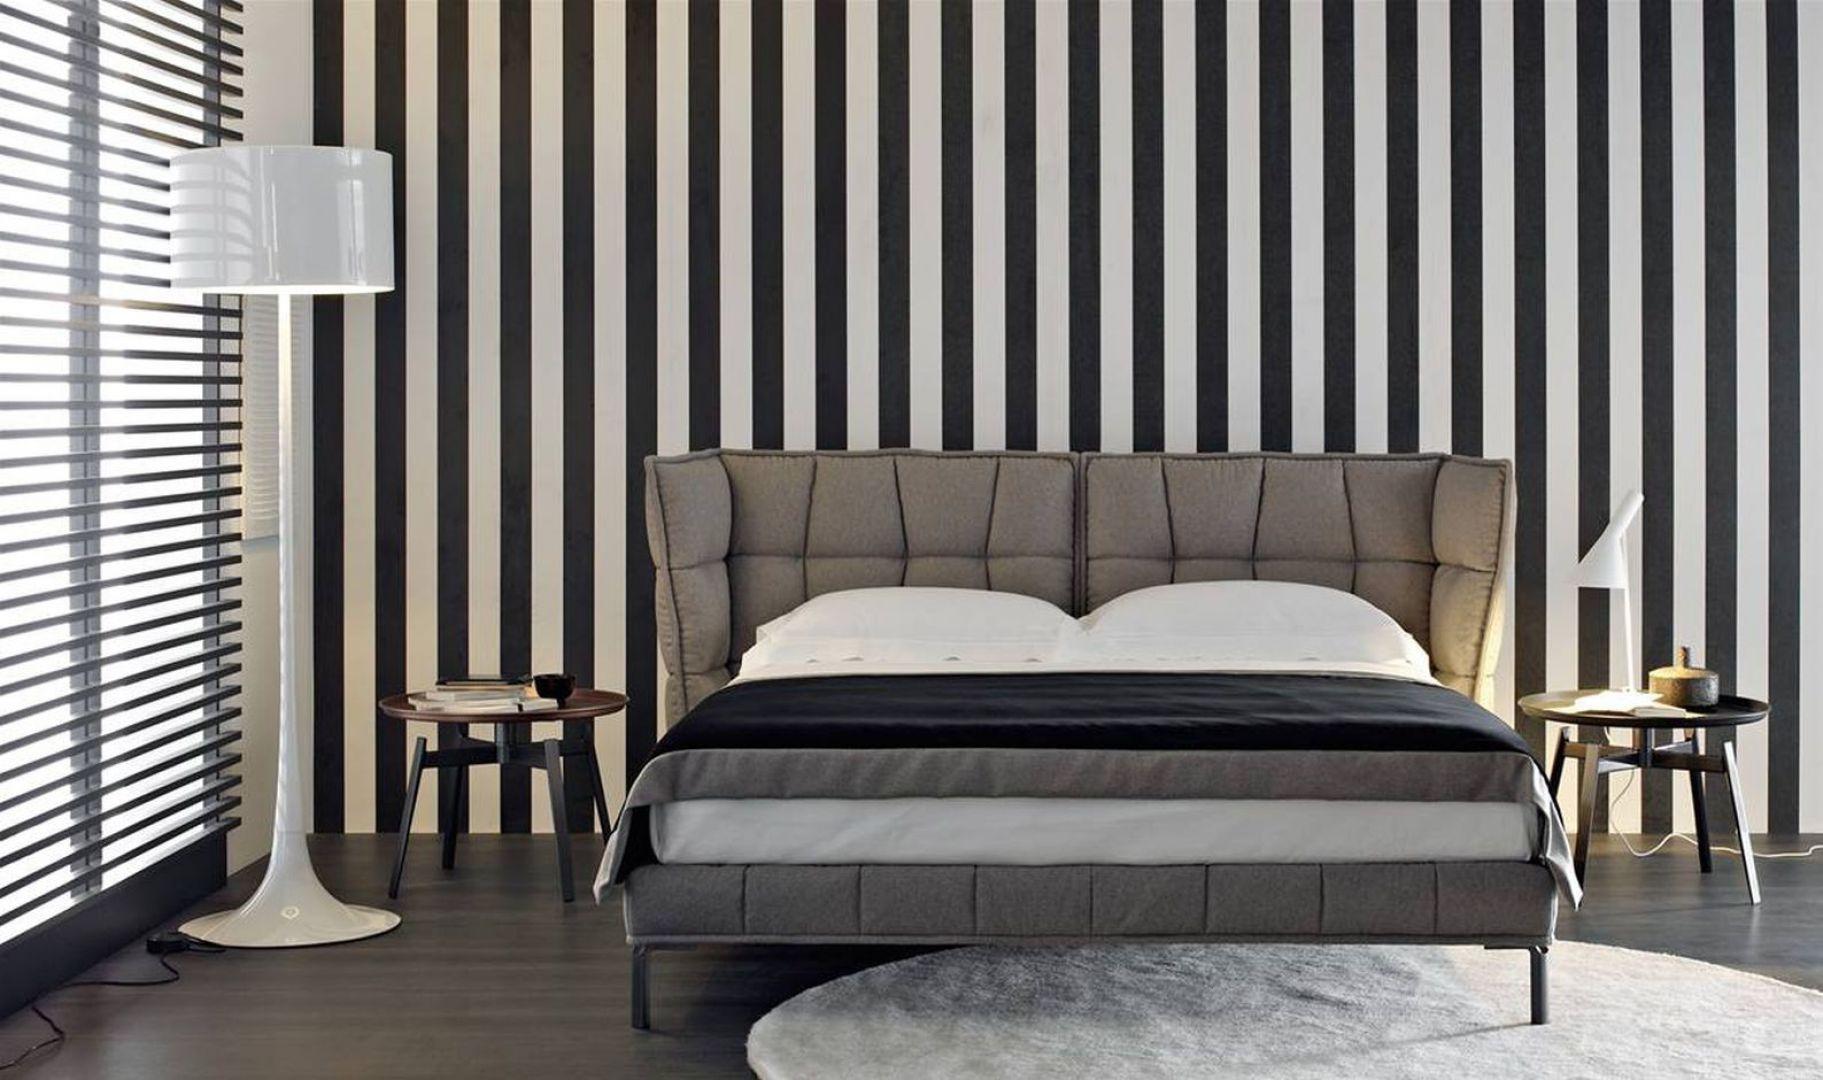 Charakterystyczny, kształt zagłówka z pikowaną tapicerką, sprawia, że łóżko Husk jest bardzo eleganckie. Do wyboru jest wiele tapicerek i dwa wymiary łóżka. Projekt powstał przy współpracy z B&B Italia. Fot. B&B Italia.